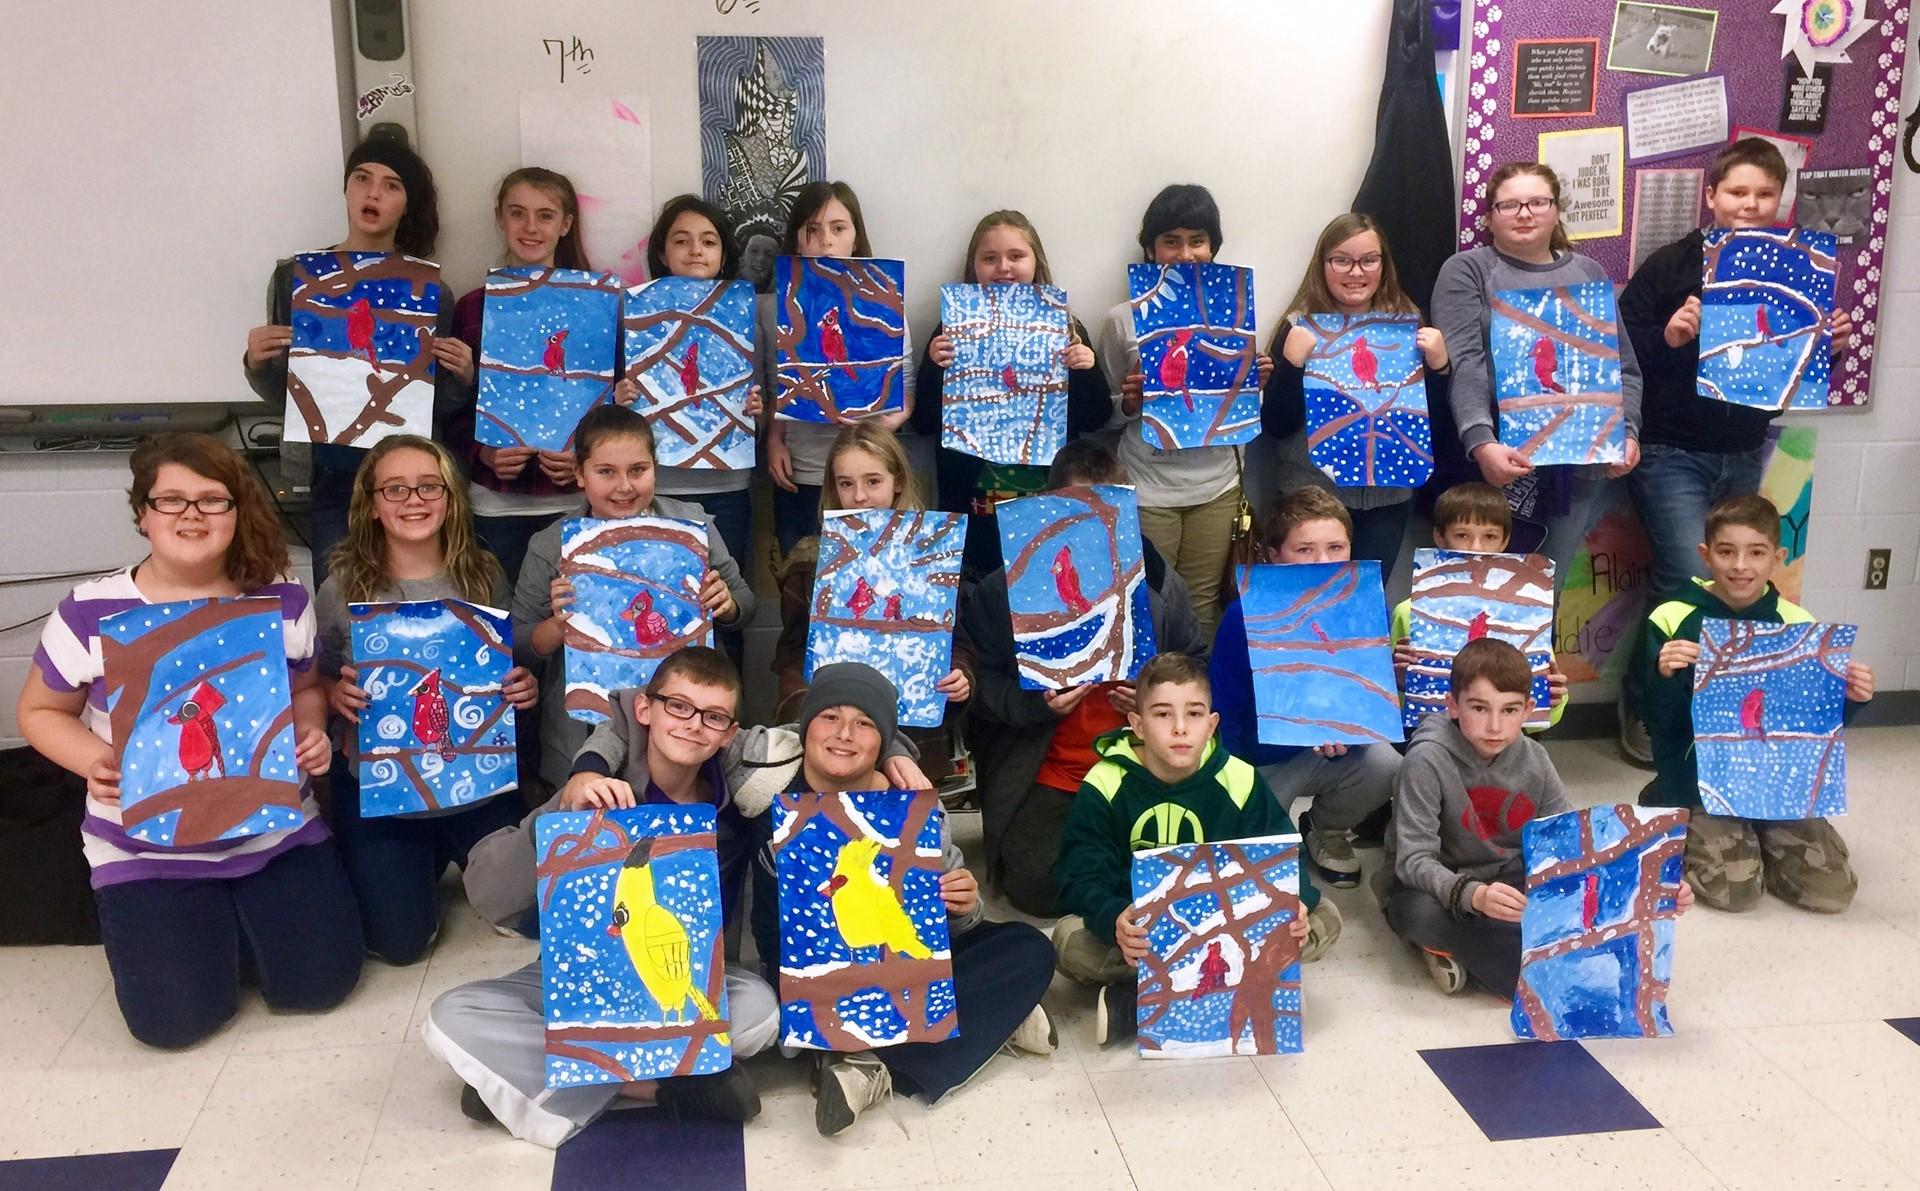 5th grade Art class